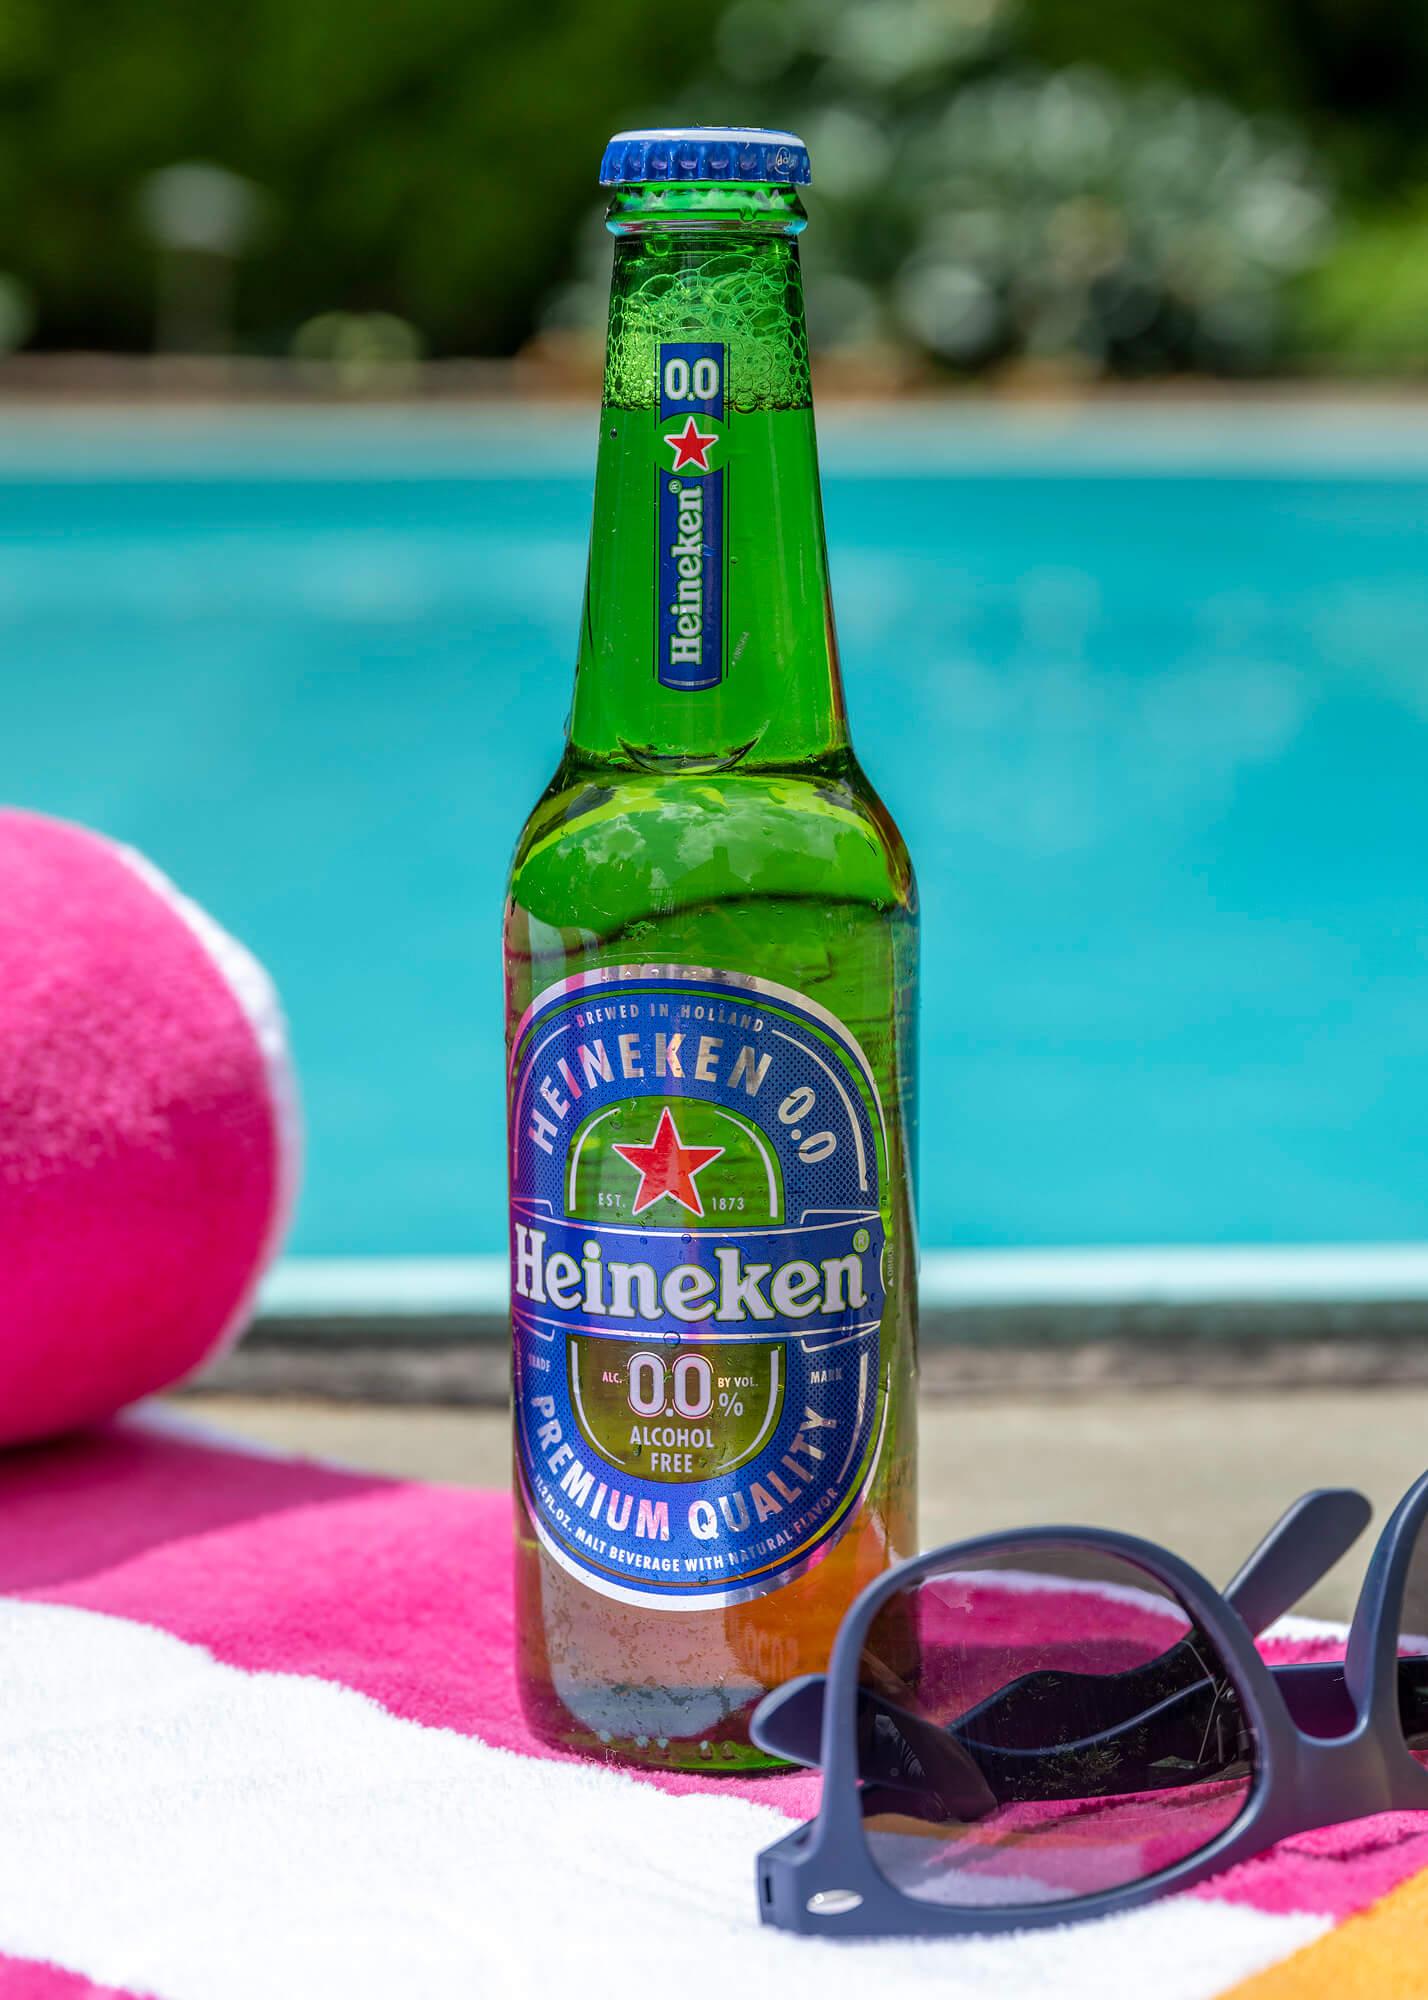 Heineken0.0 non-alcoholic beer